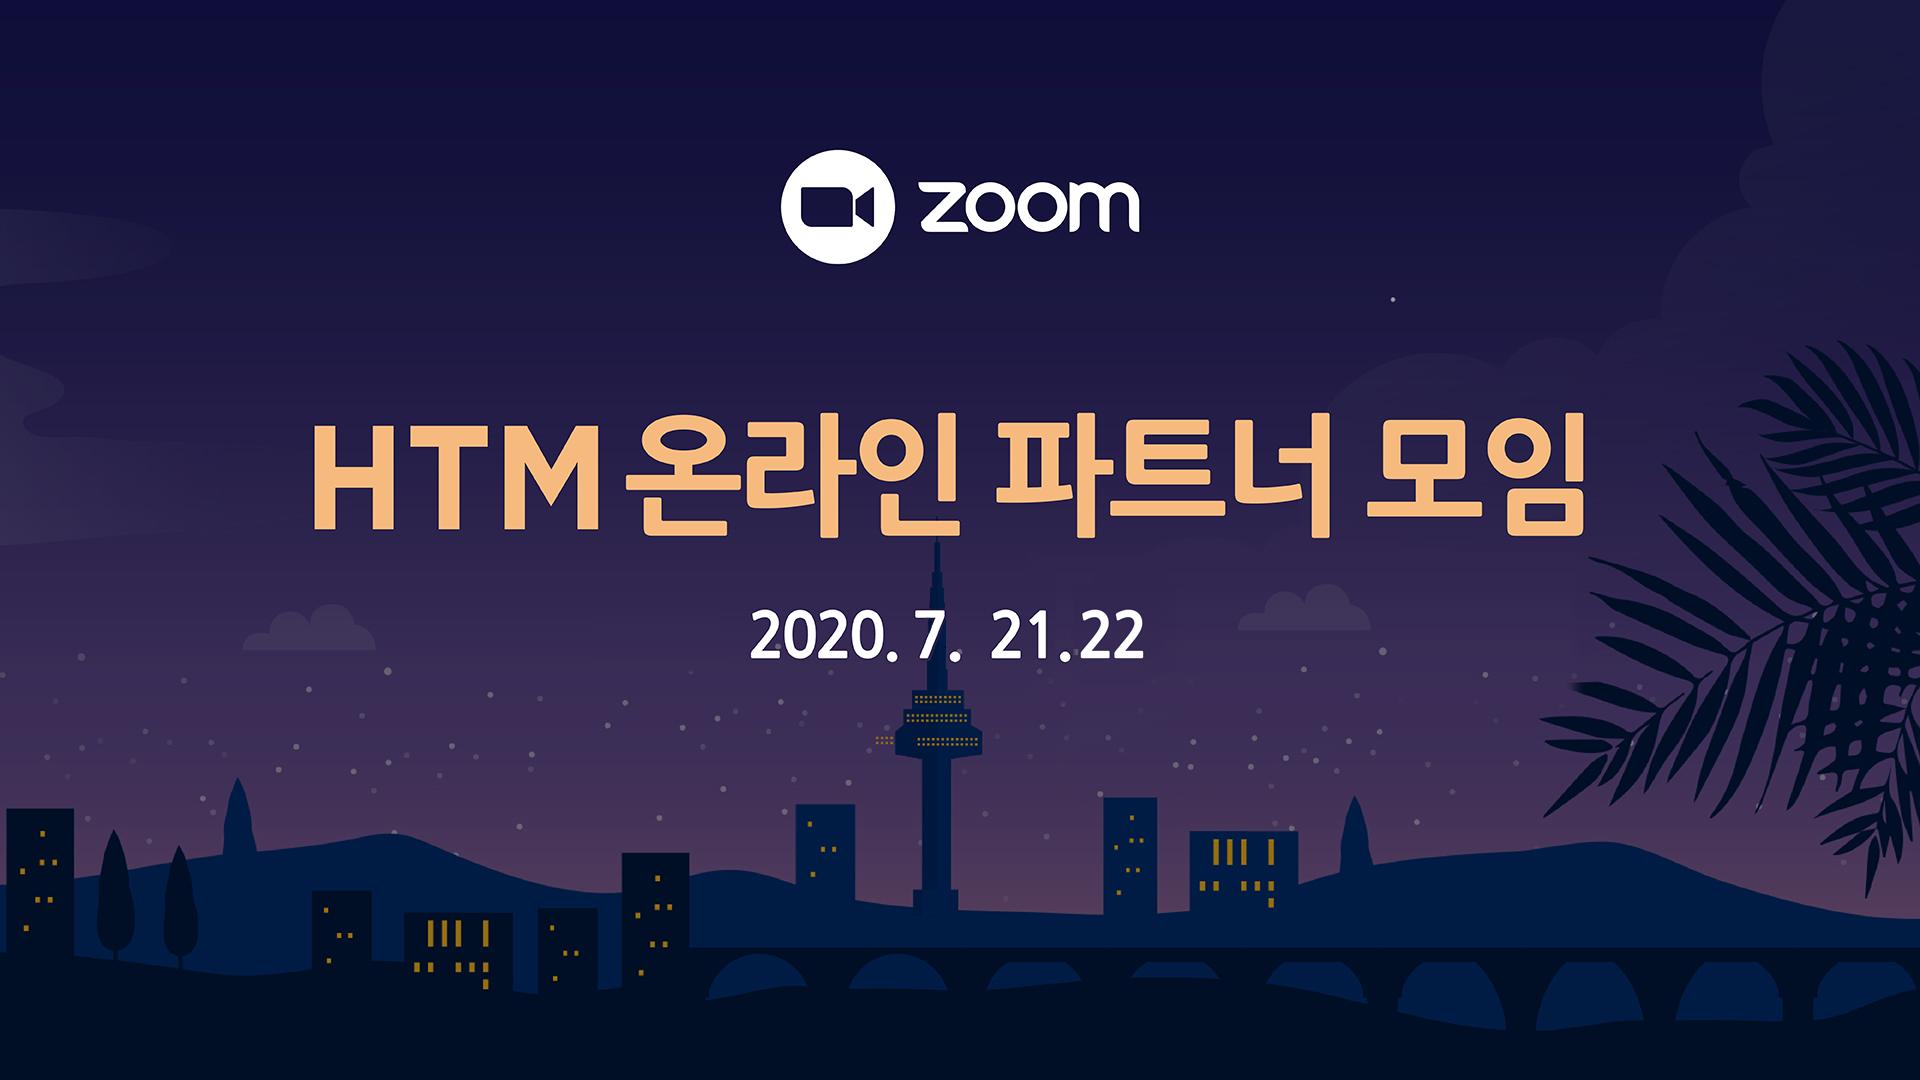 HTM 파트너 온라인 모임 안내